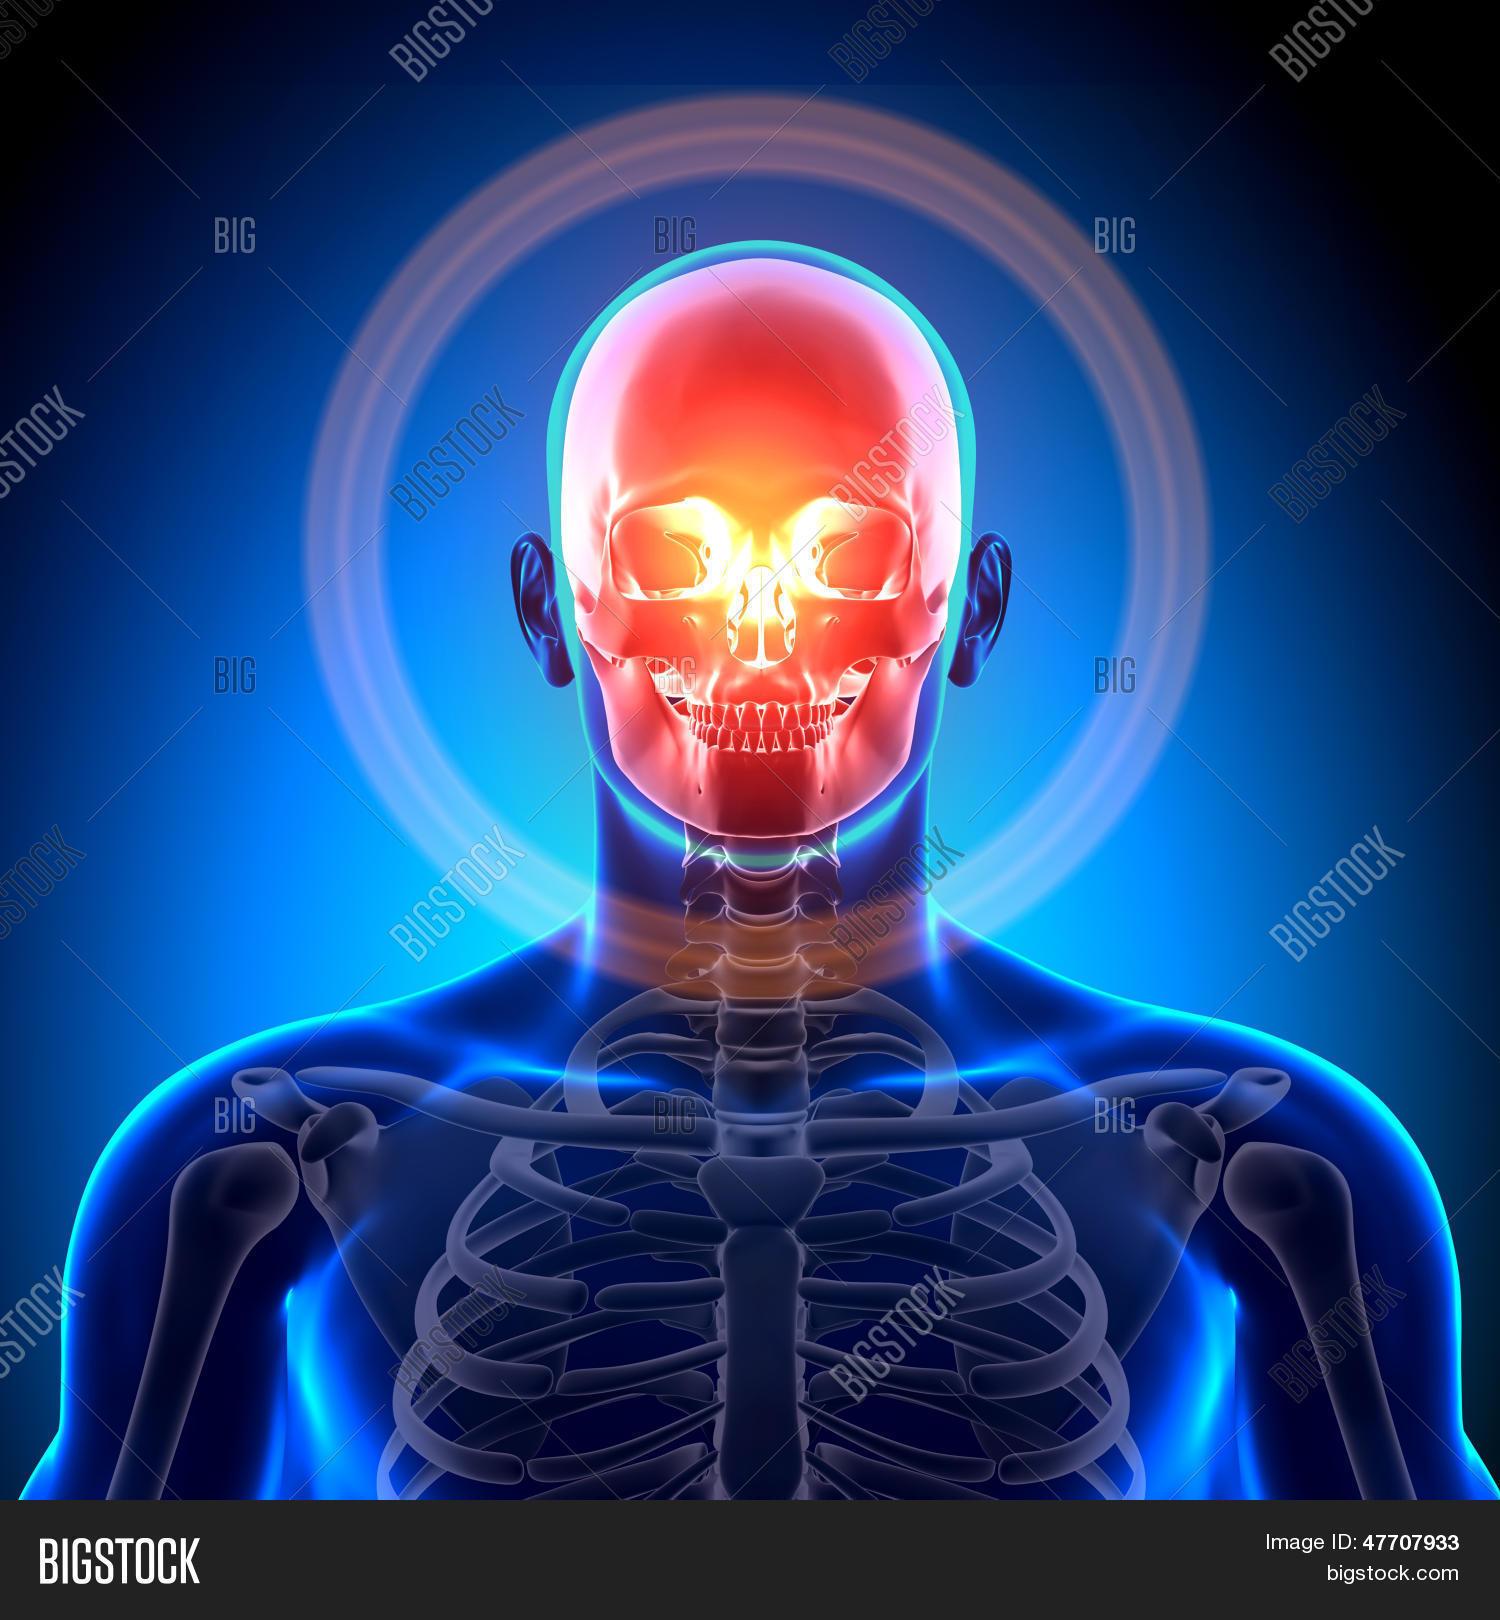 Imagen y foto Cráneo / Cráneo (prueba gratis) | Bigstock